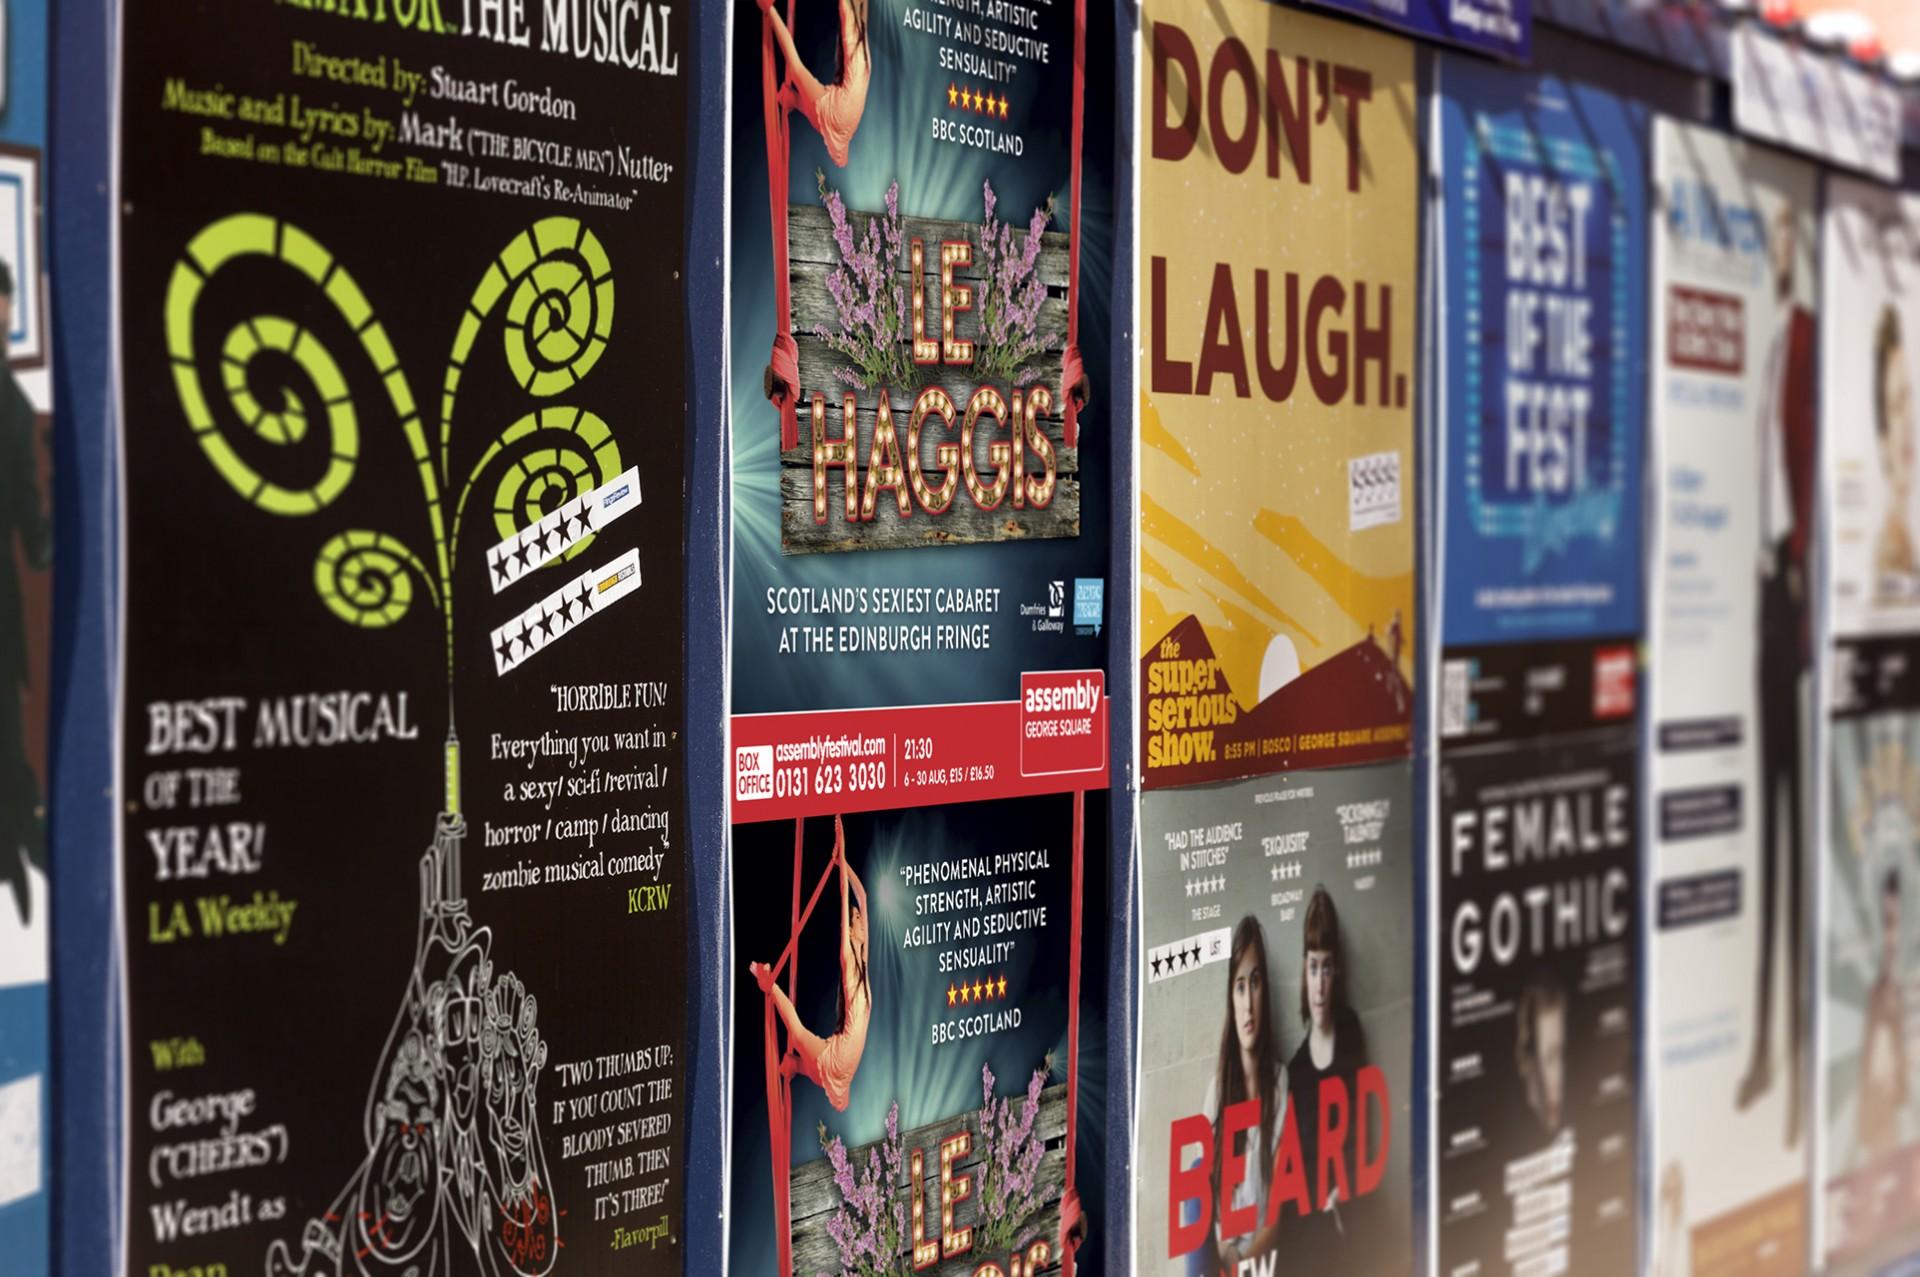 Le Haggis Posters in situ